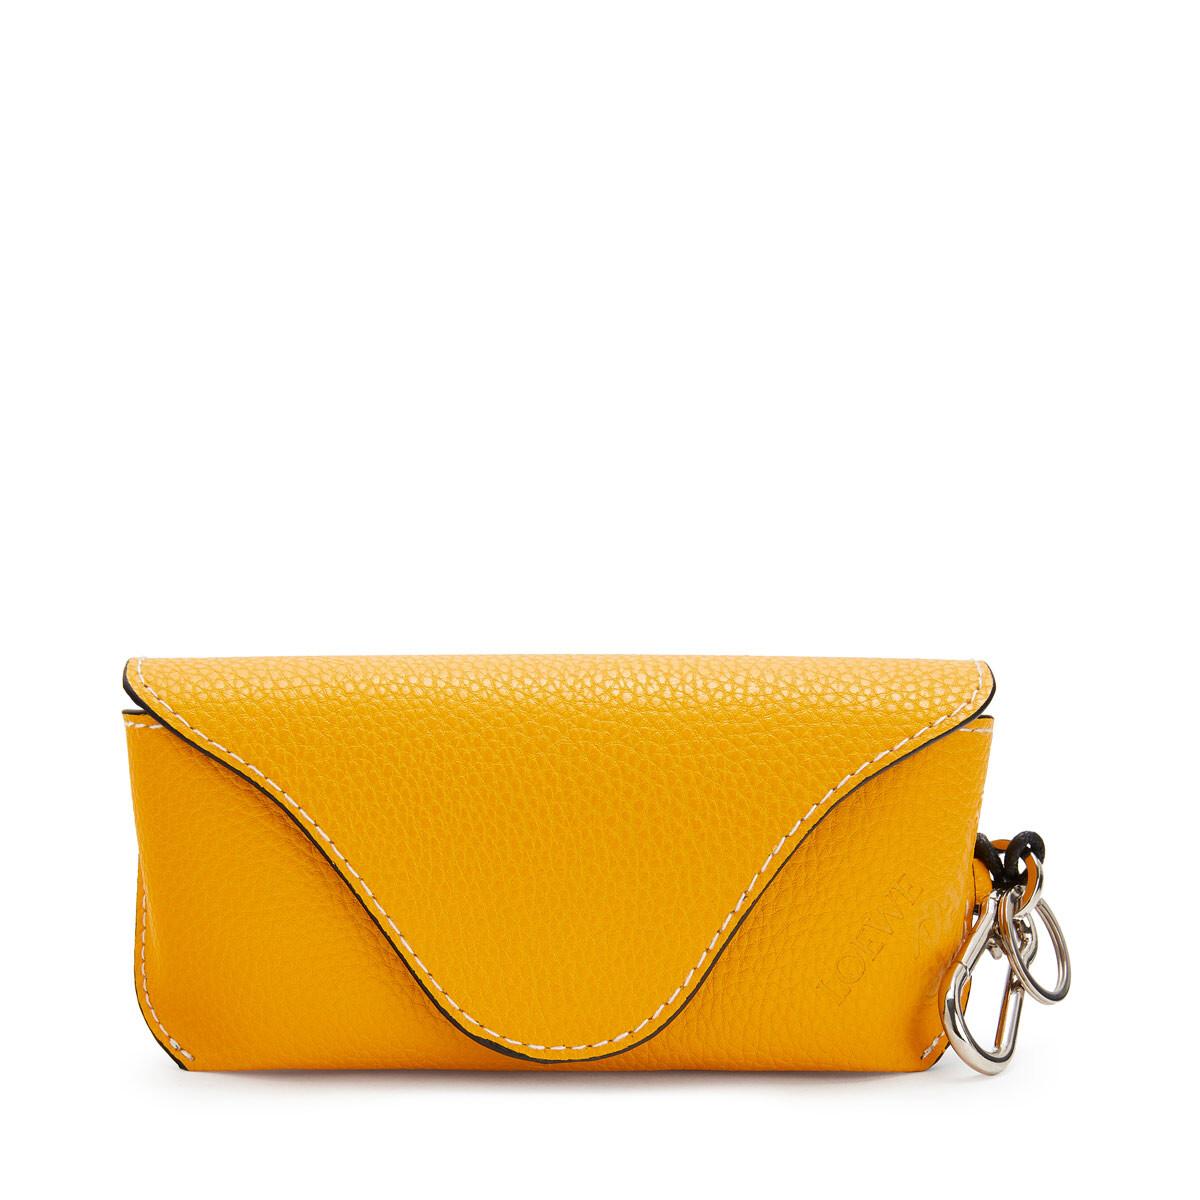 LOEWE Paula Sunglasses Yellow/White front